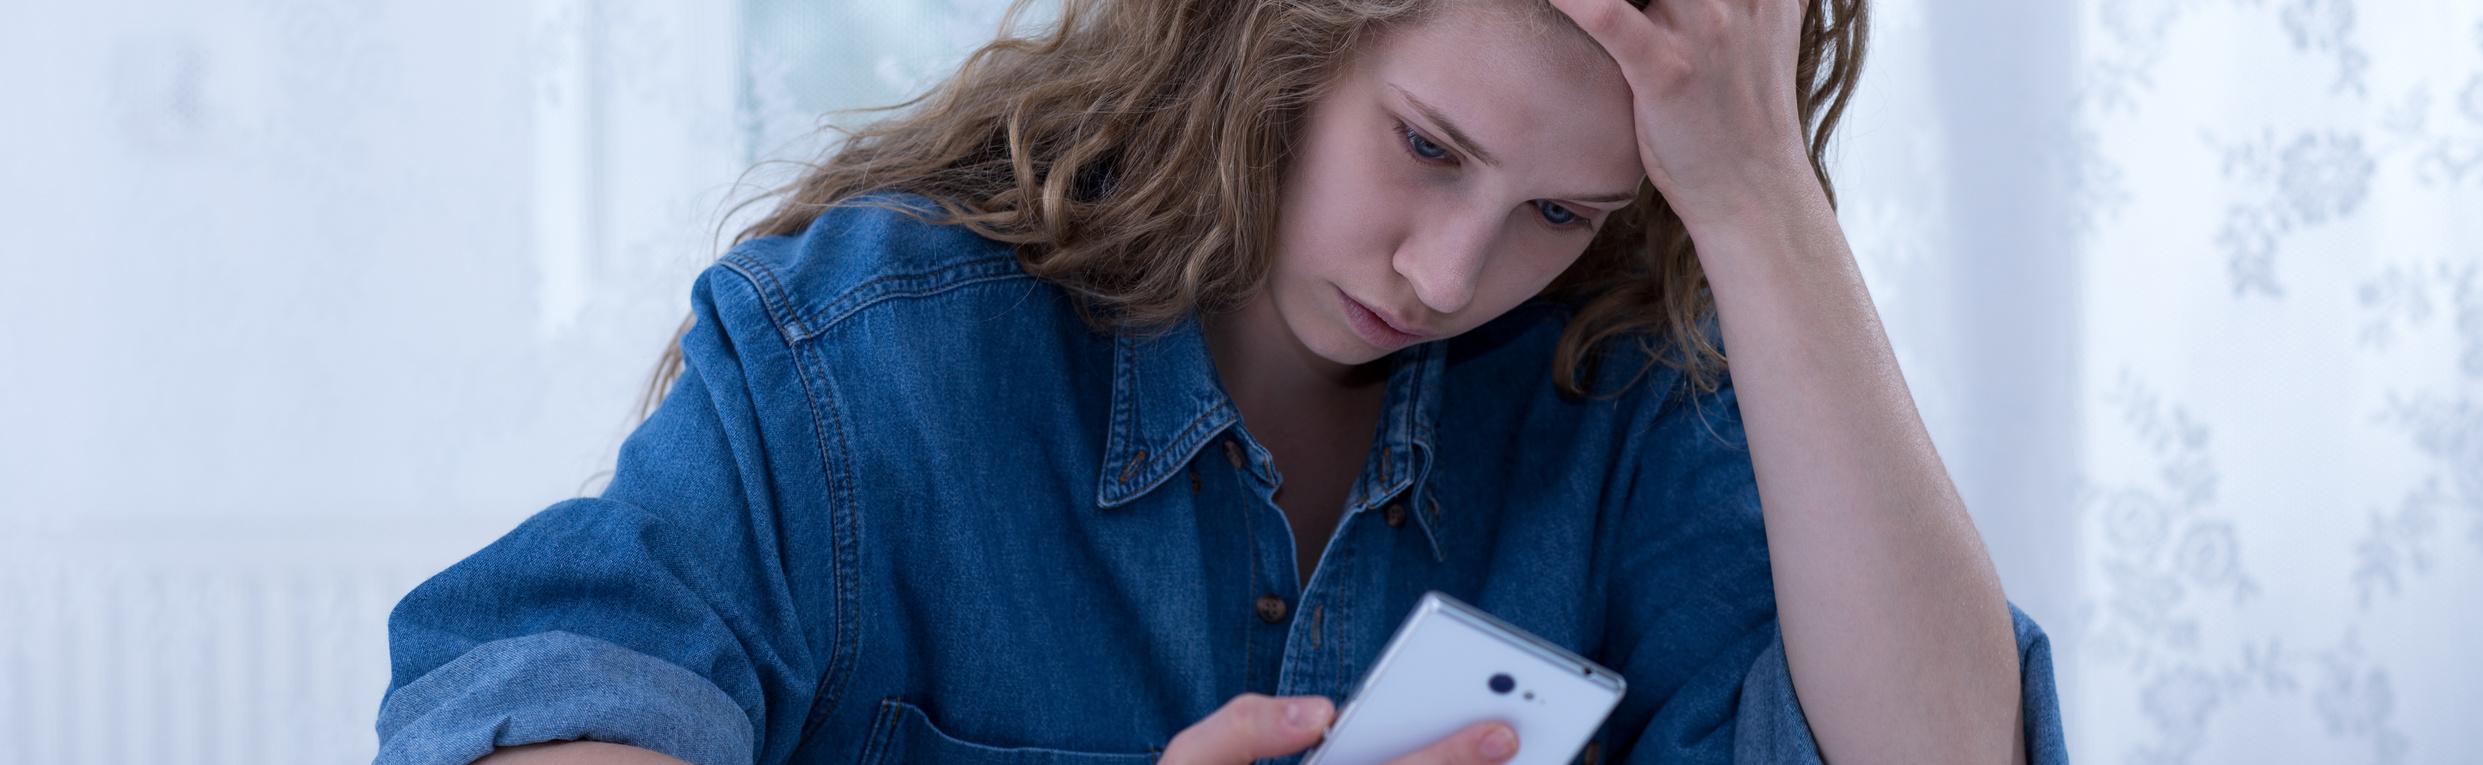 Das Entsetzen war groß: Frau bekommt SMS von toter Großmutter